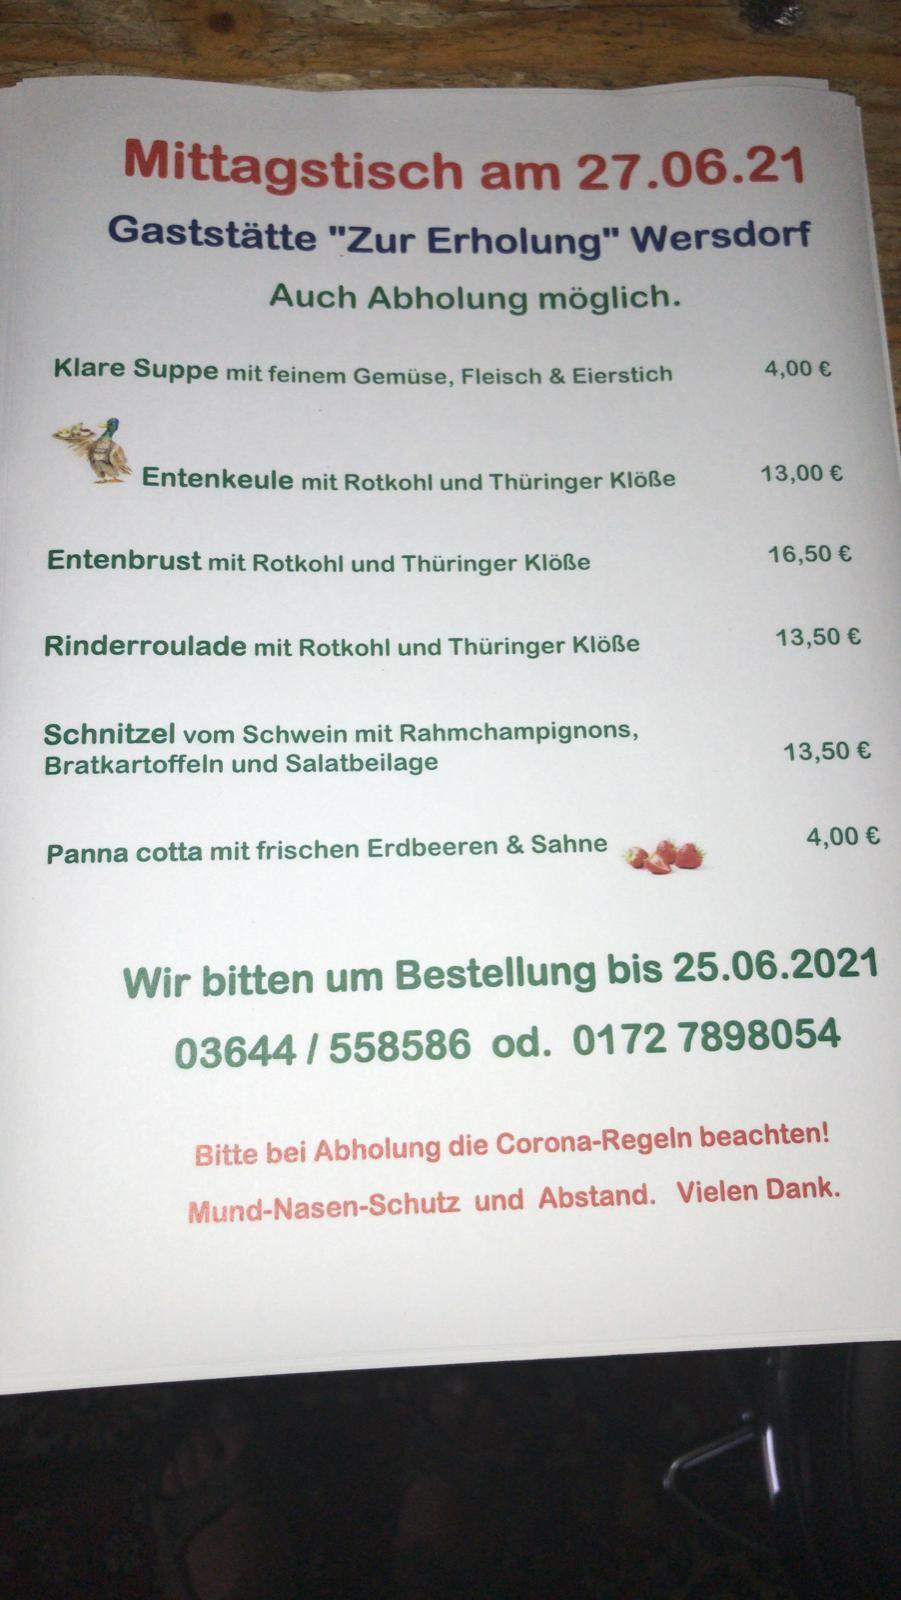 Mittagstisch 27.06.2021 Gaststätte Zur Erholung Wersdorf